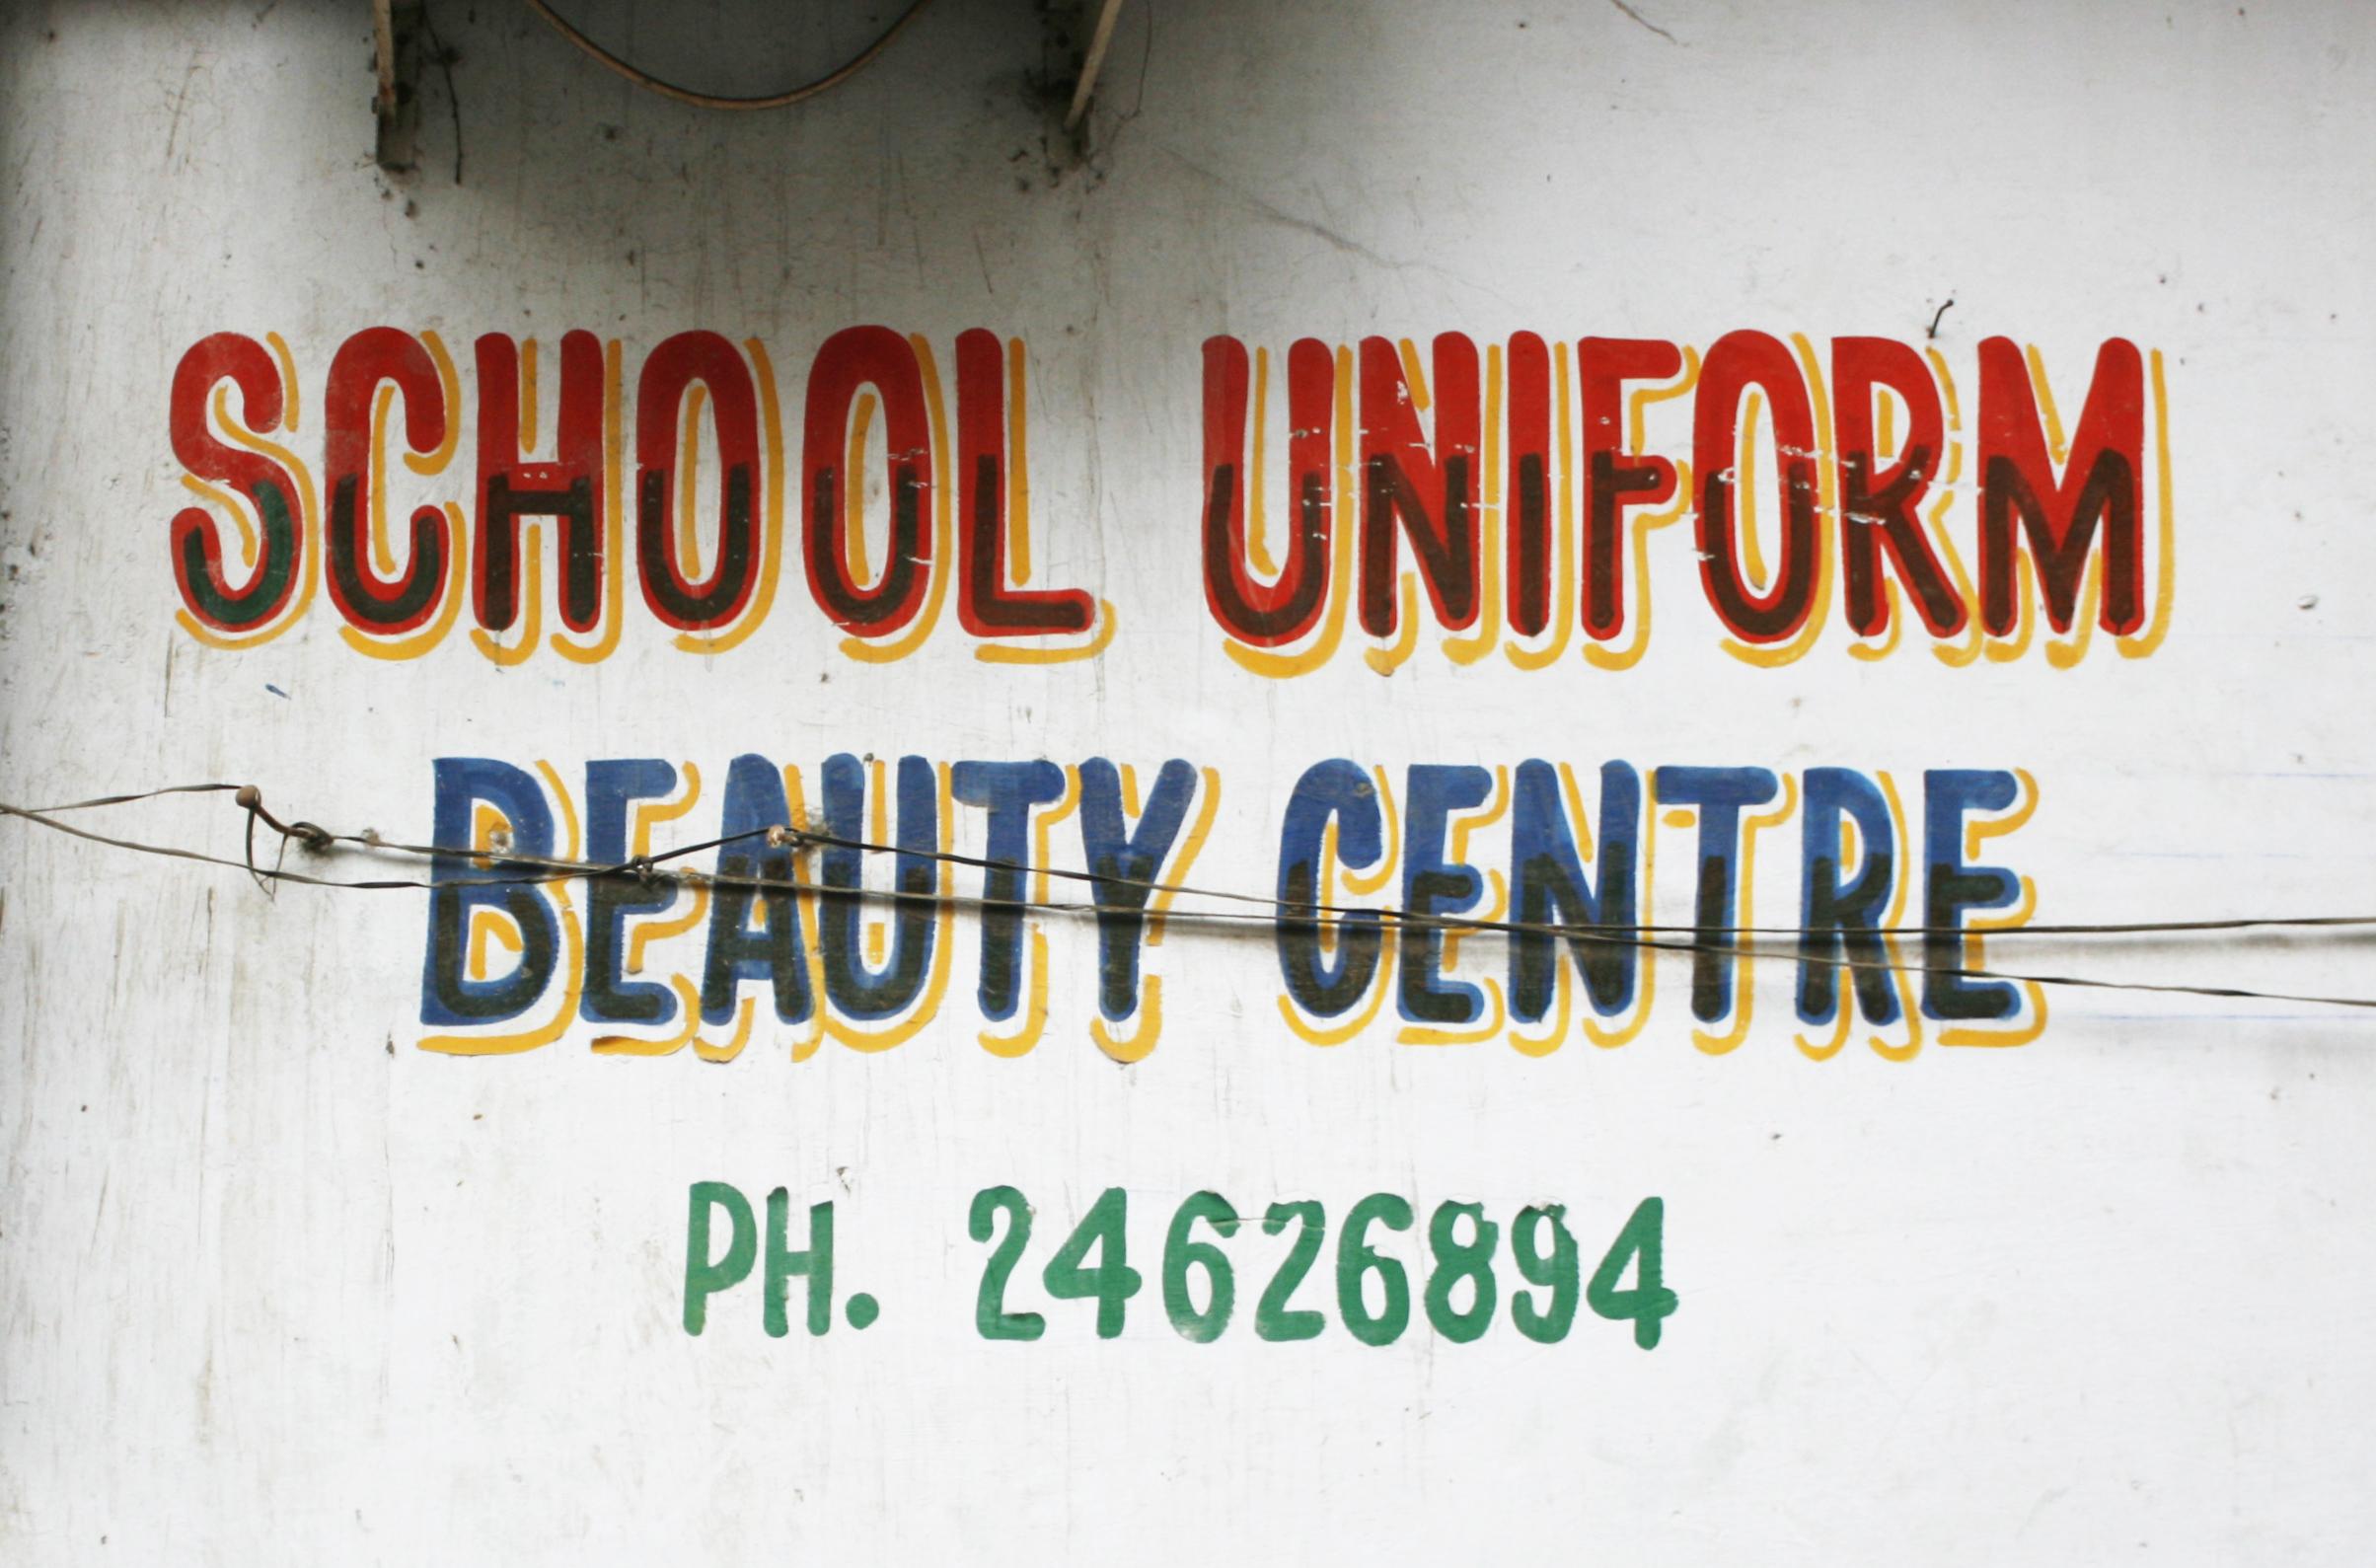 School Uniform / Beauty Centre